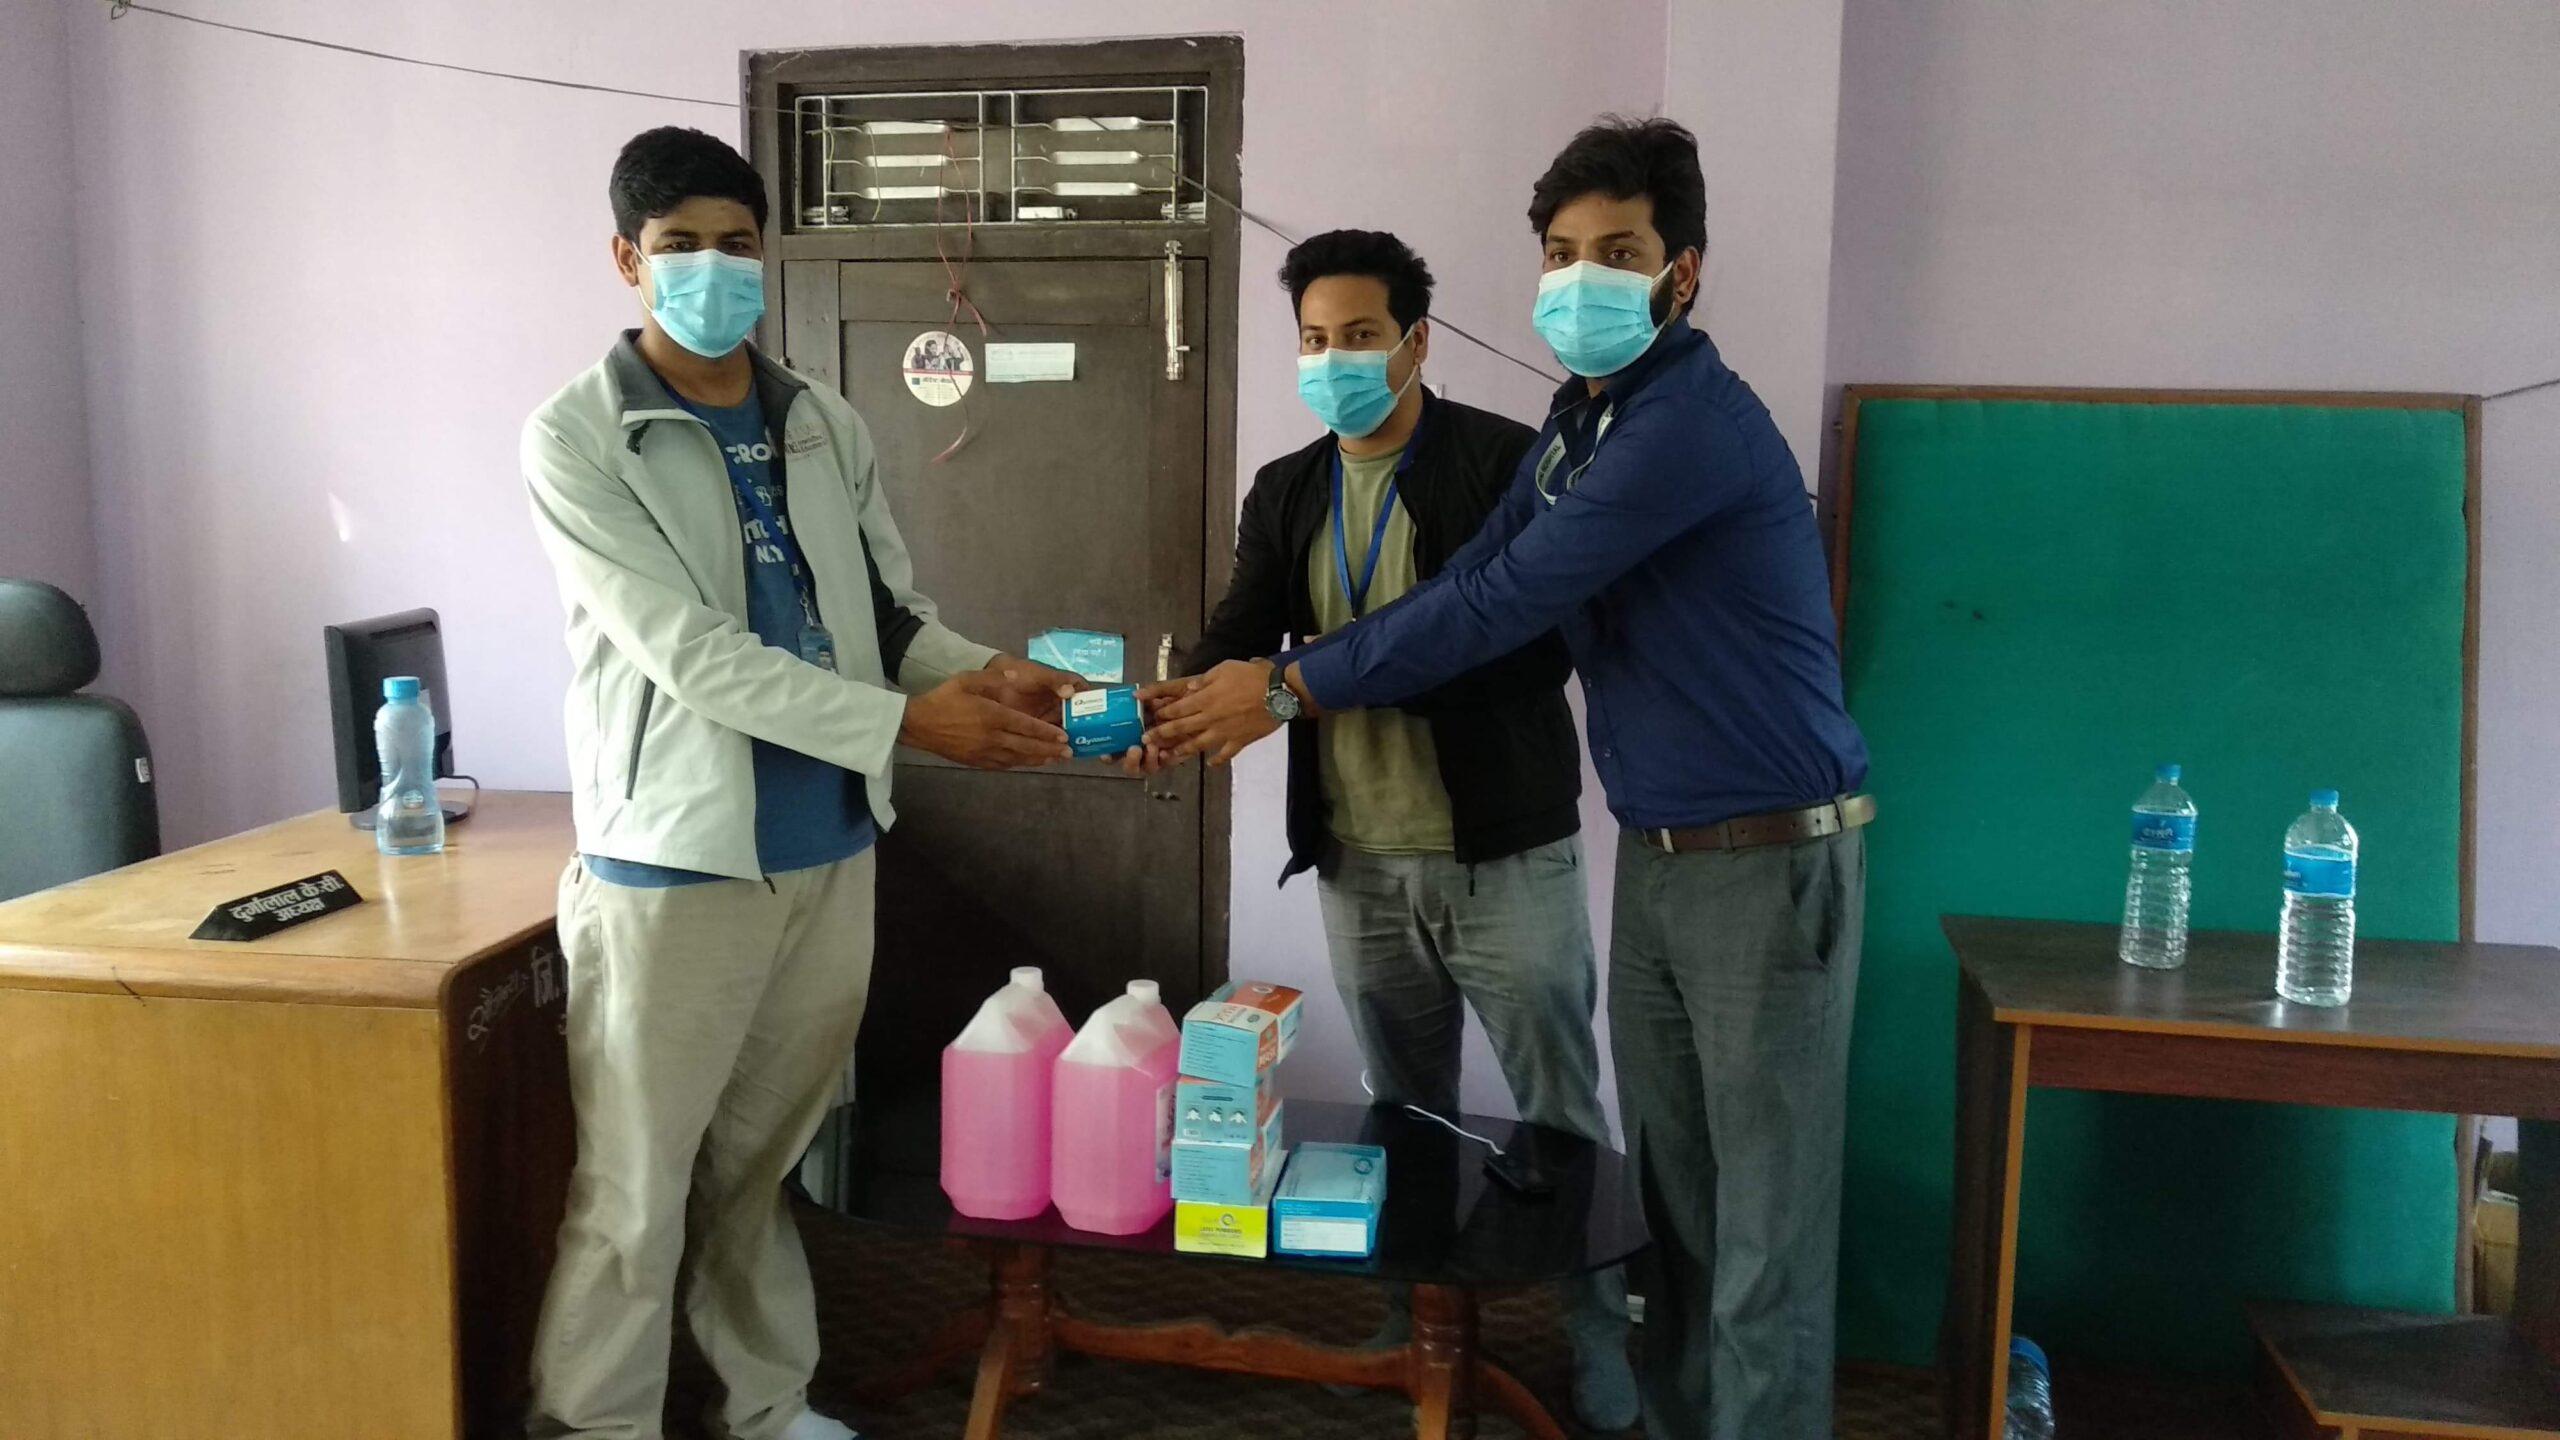 पत्रकार महासंघ दाङको आईशोलेसन वार्ड निर्माणमा सहयोग 2